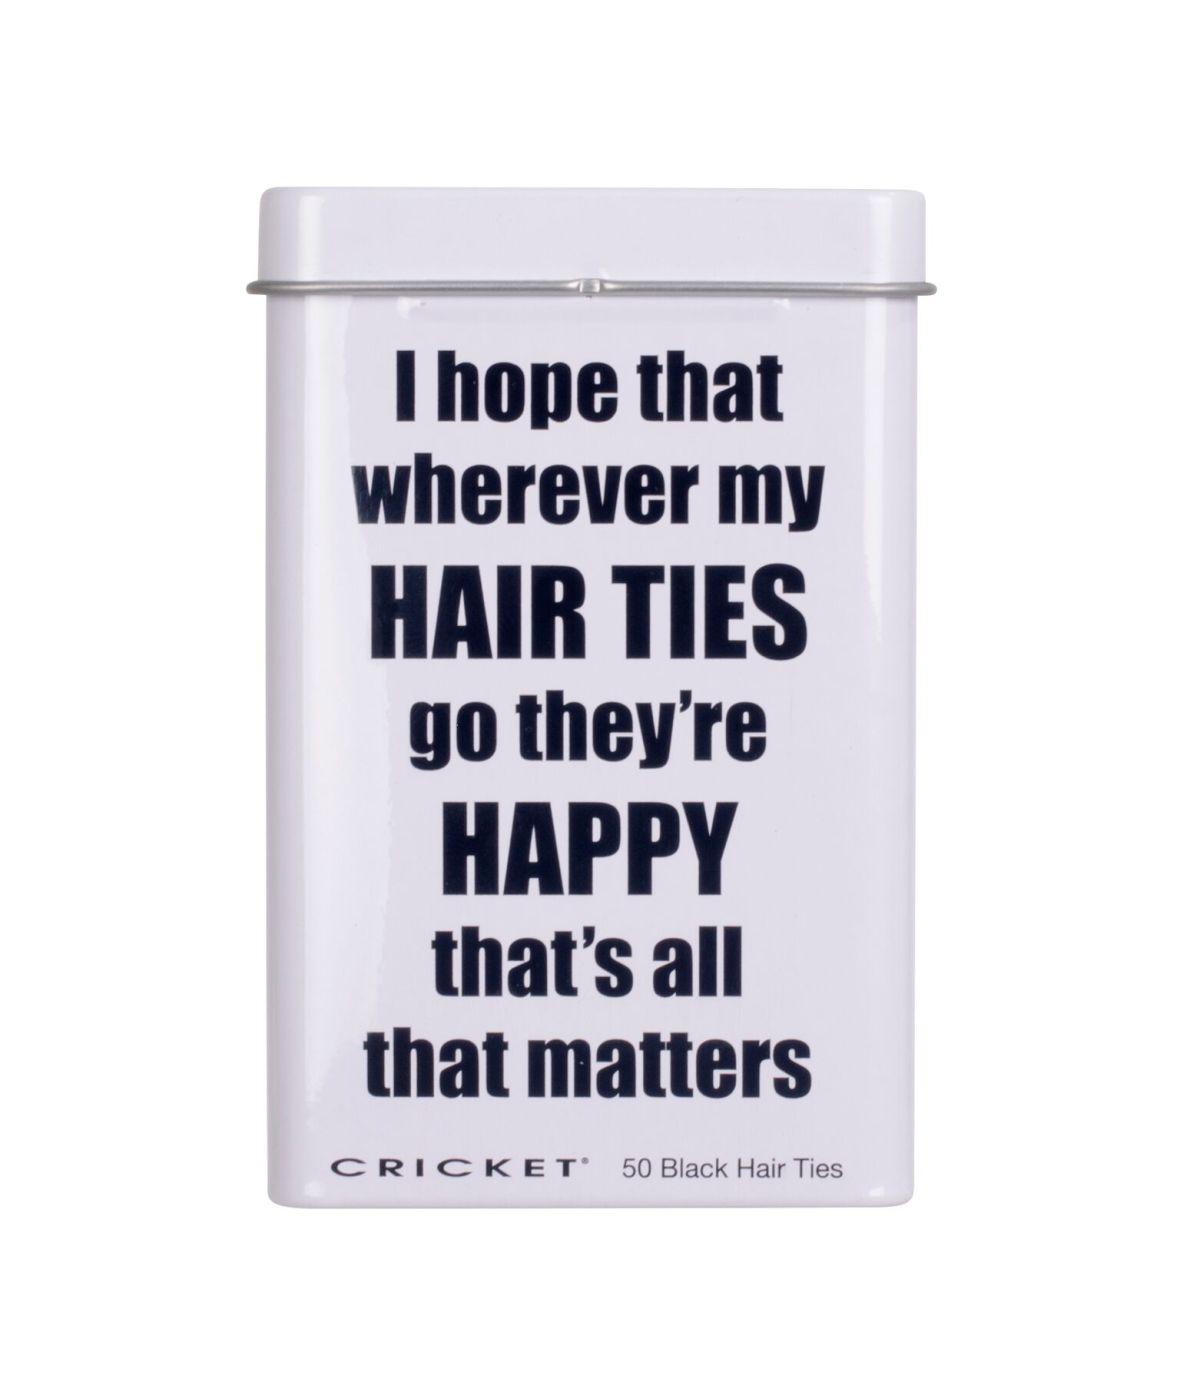 Cricket Happy Hair Ties Tin